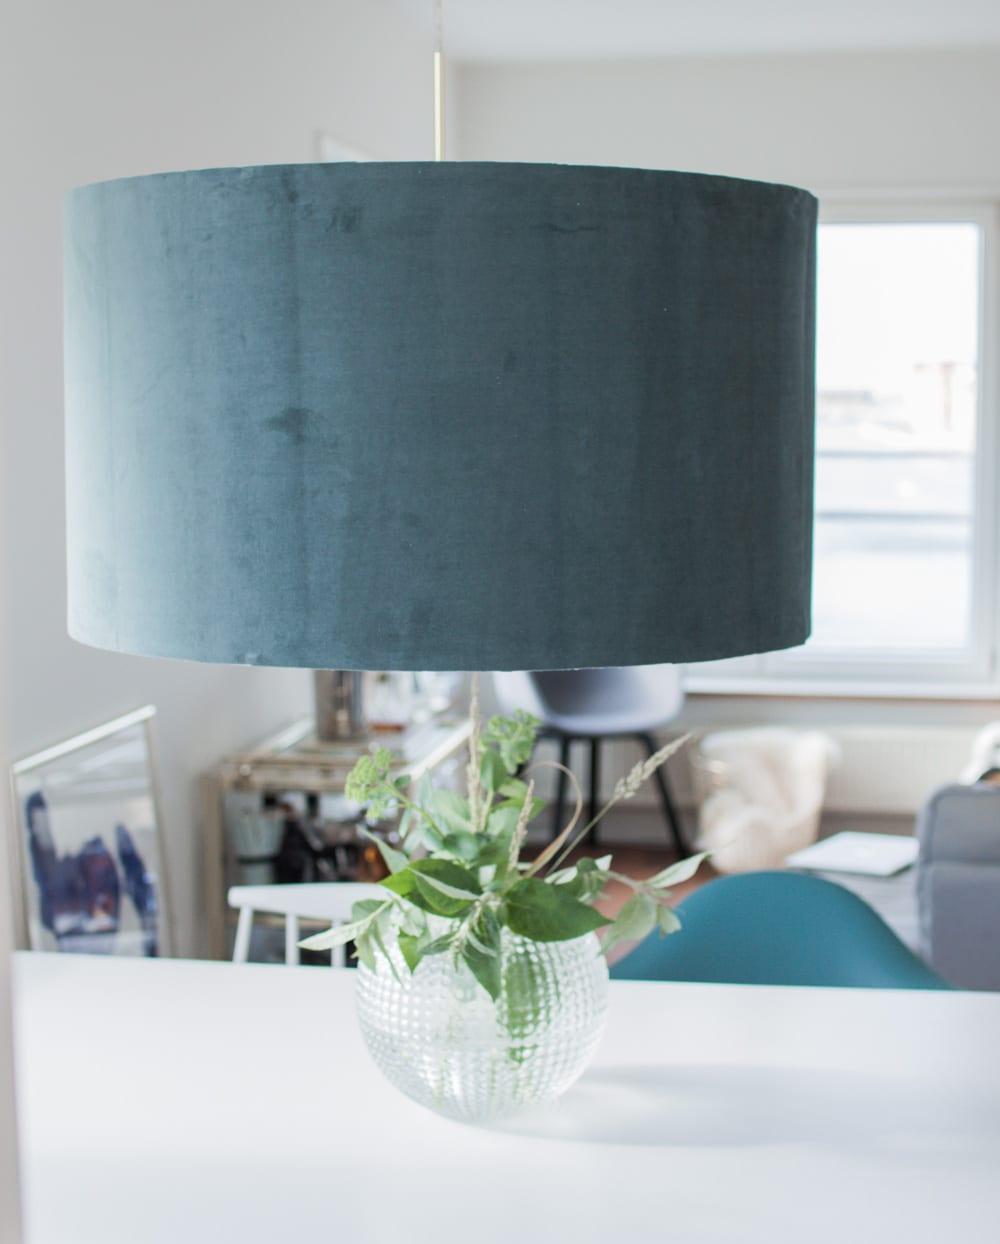 diy-velour-lampe-lampeskaerm-guide-14-of-15